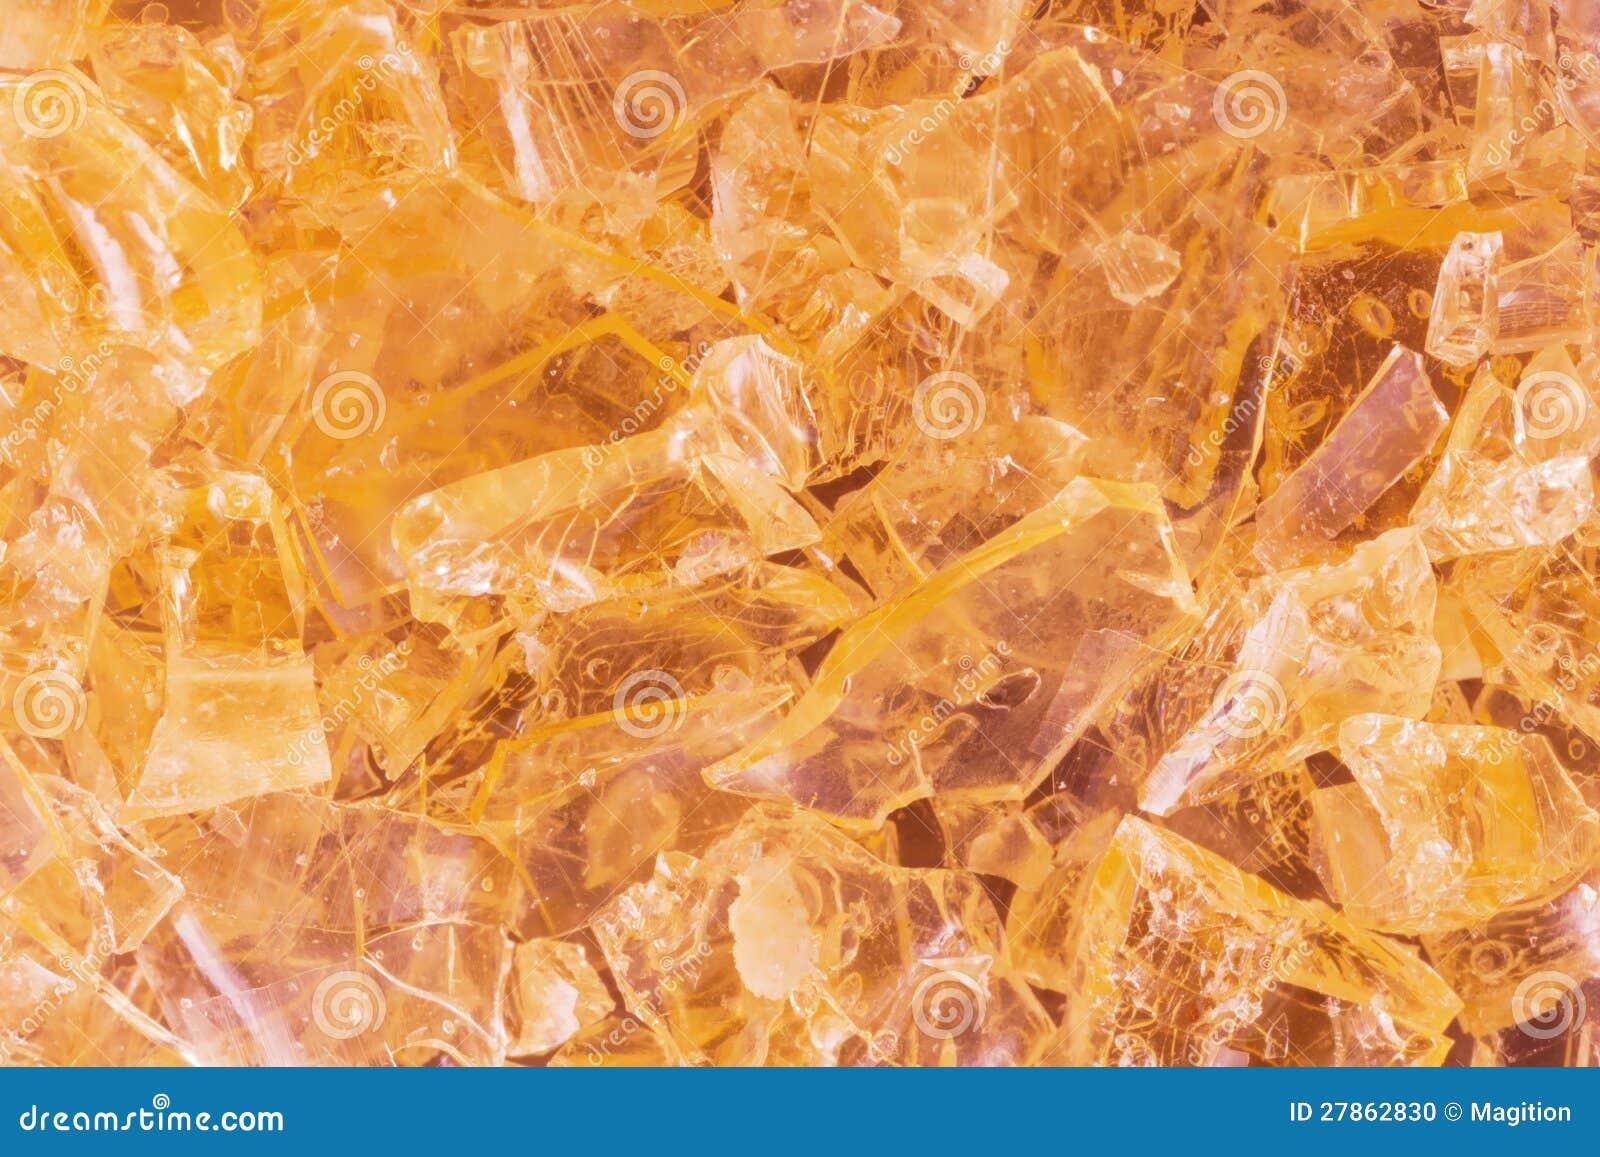 Kolorowy krystaliczny tło